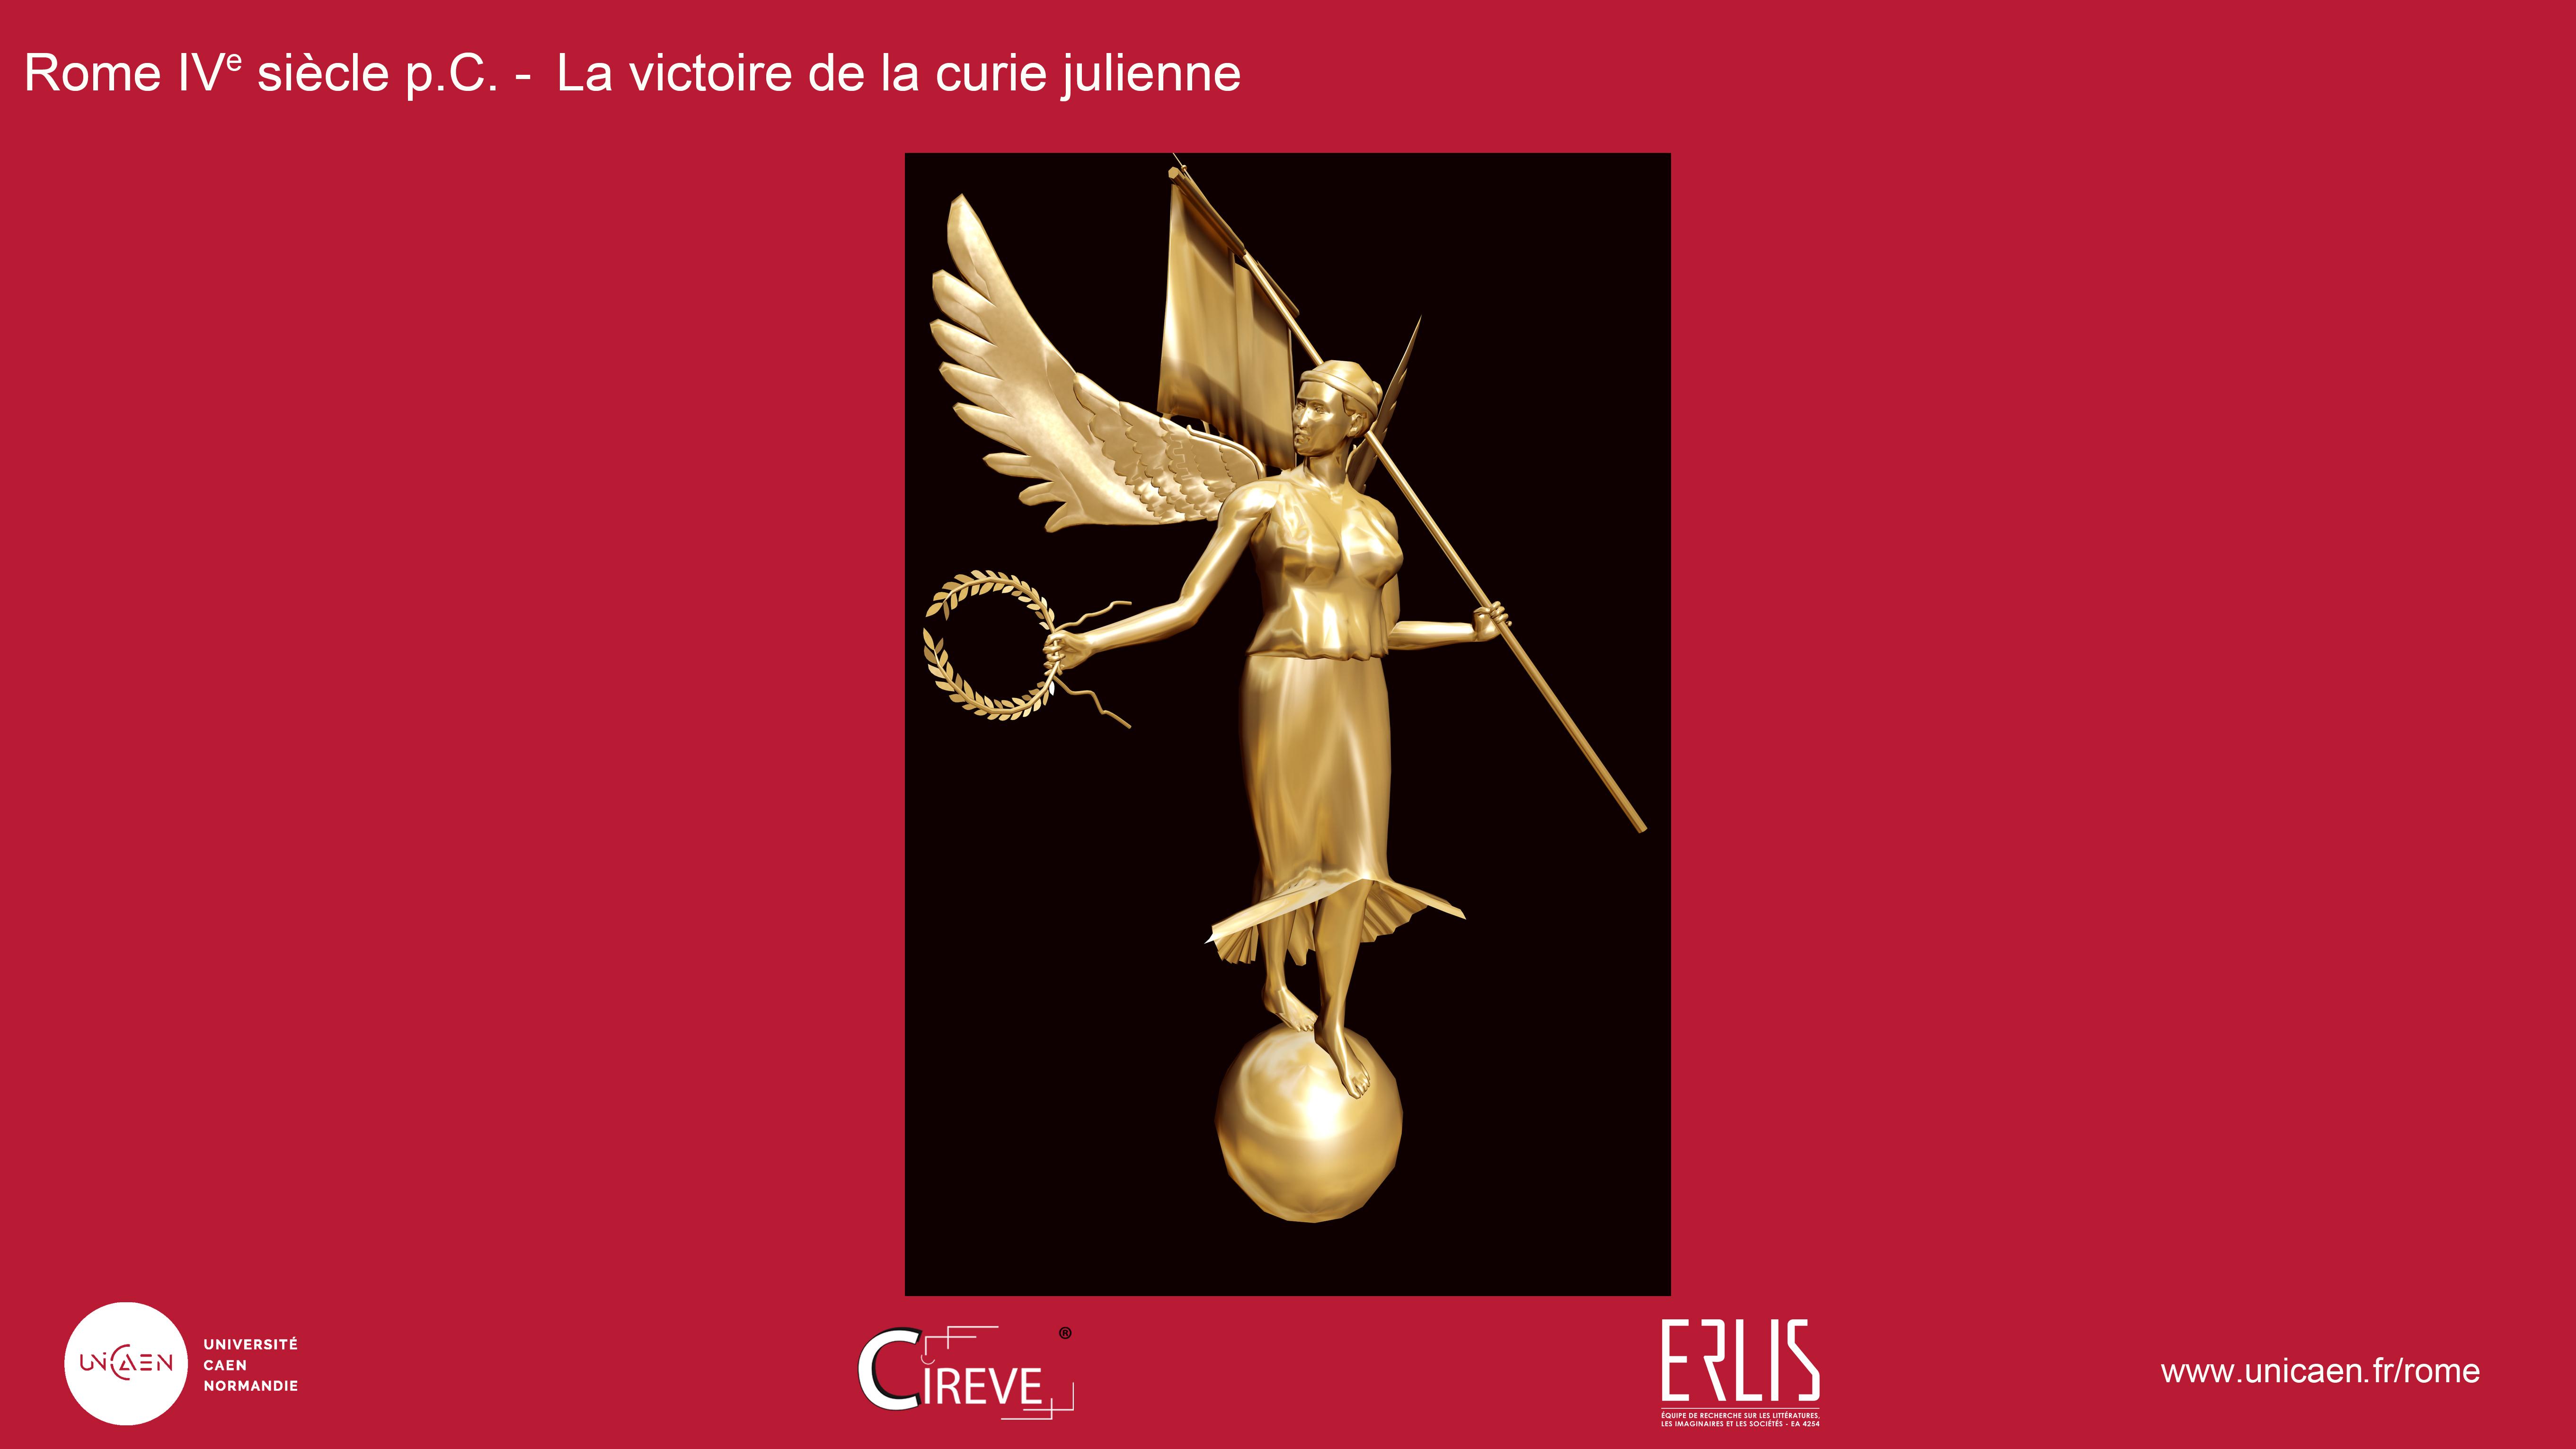 Statue de la Victoire, curie julienne